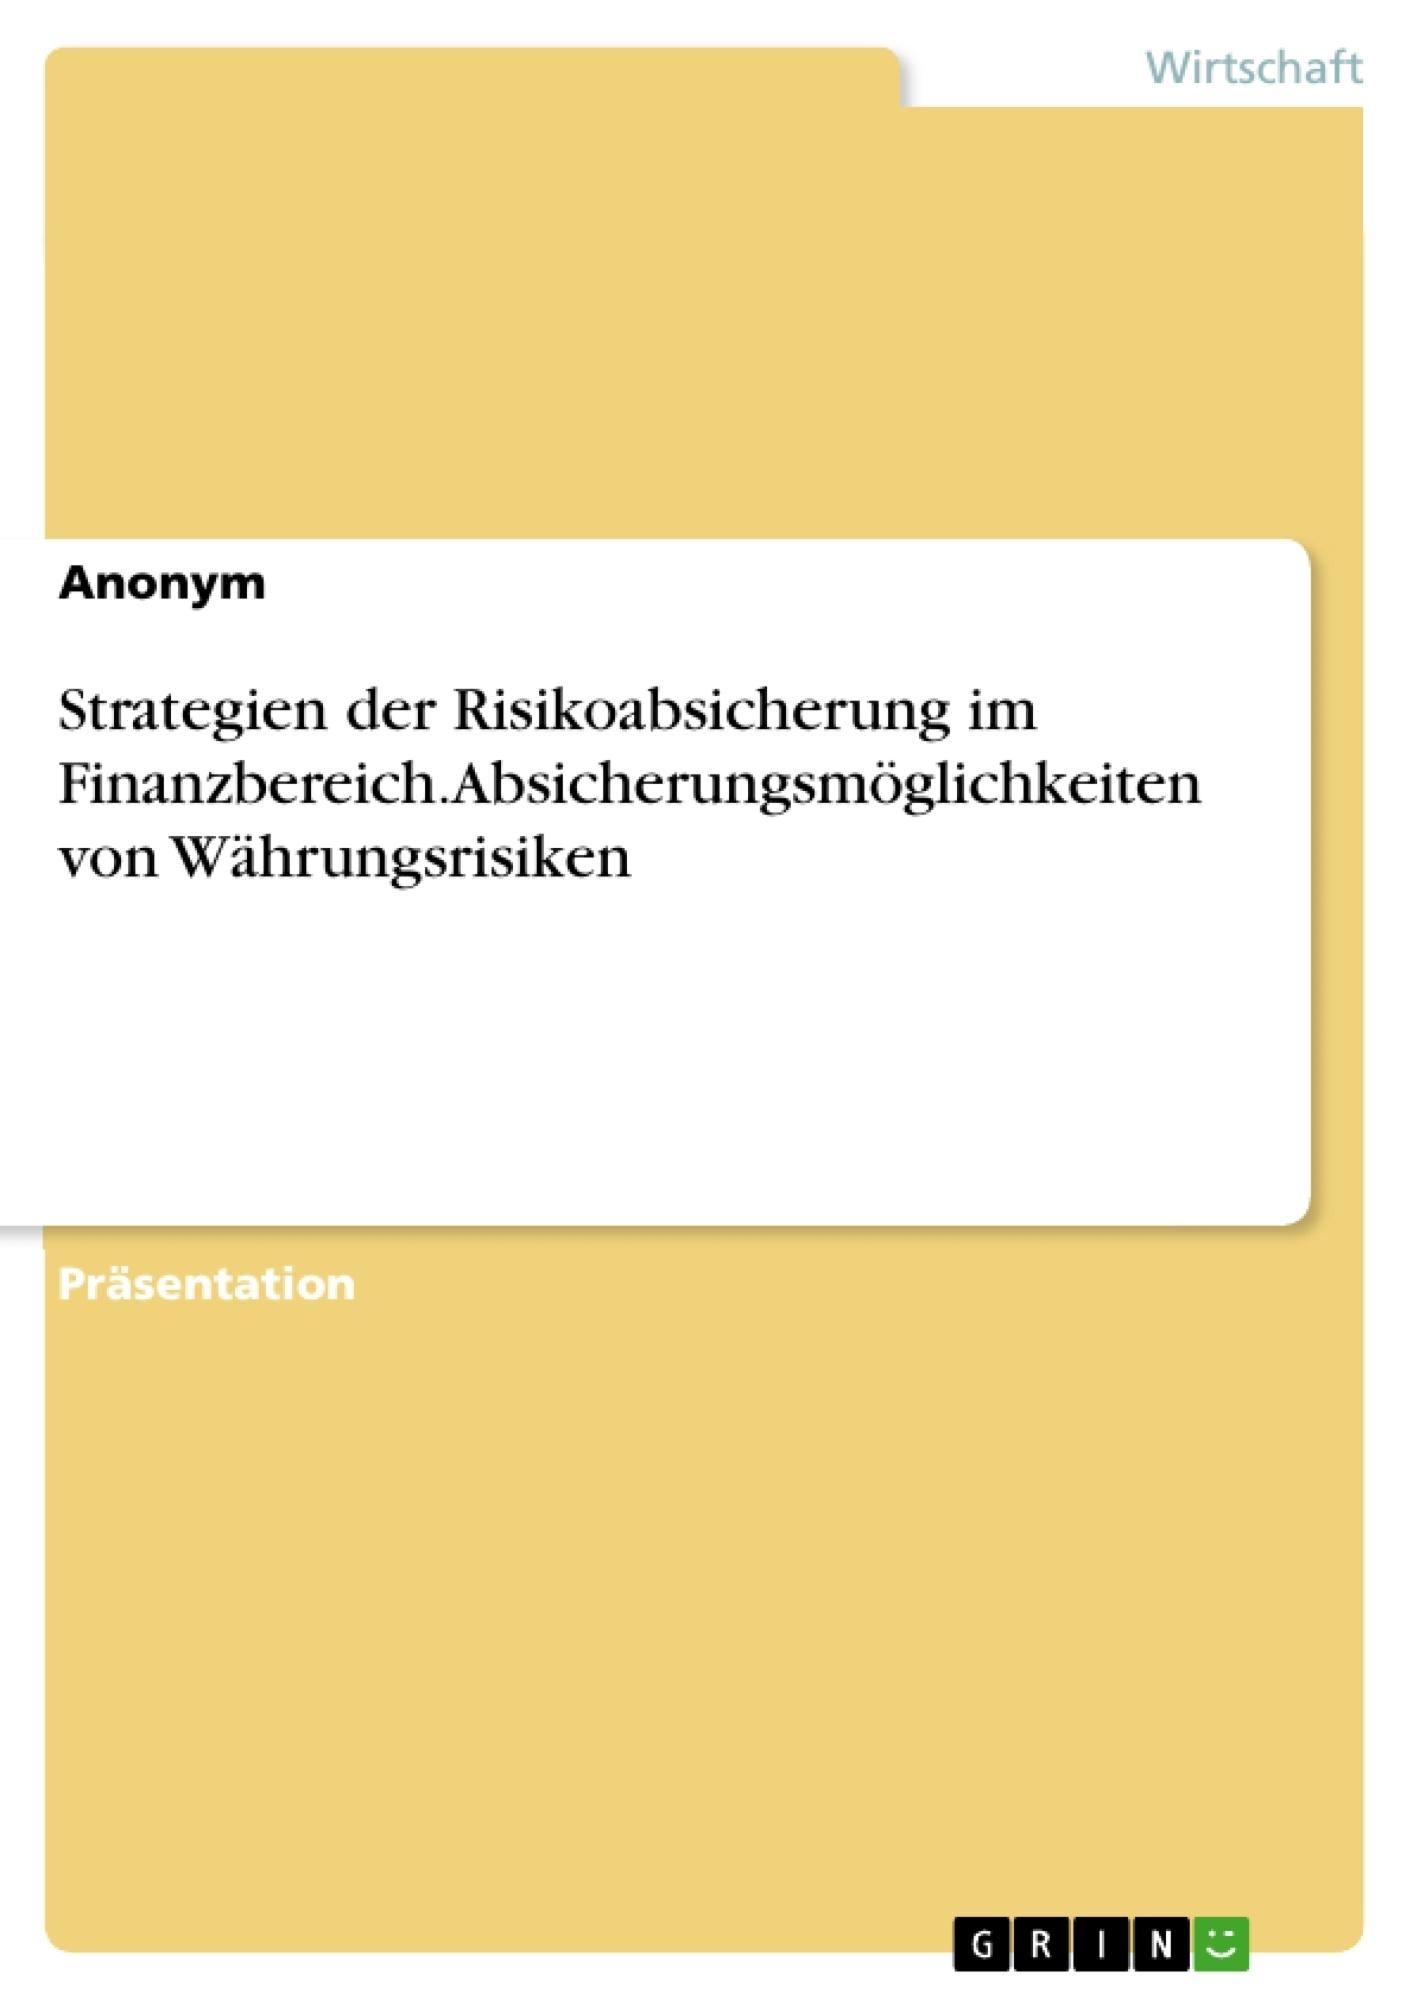 Titel: Strategien der Risikoabsicherung im Finanzbereich. Absicherungsmöglichkeiten von Währungsrisiken